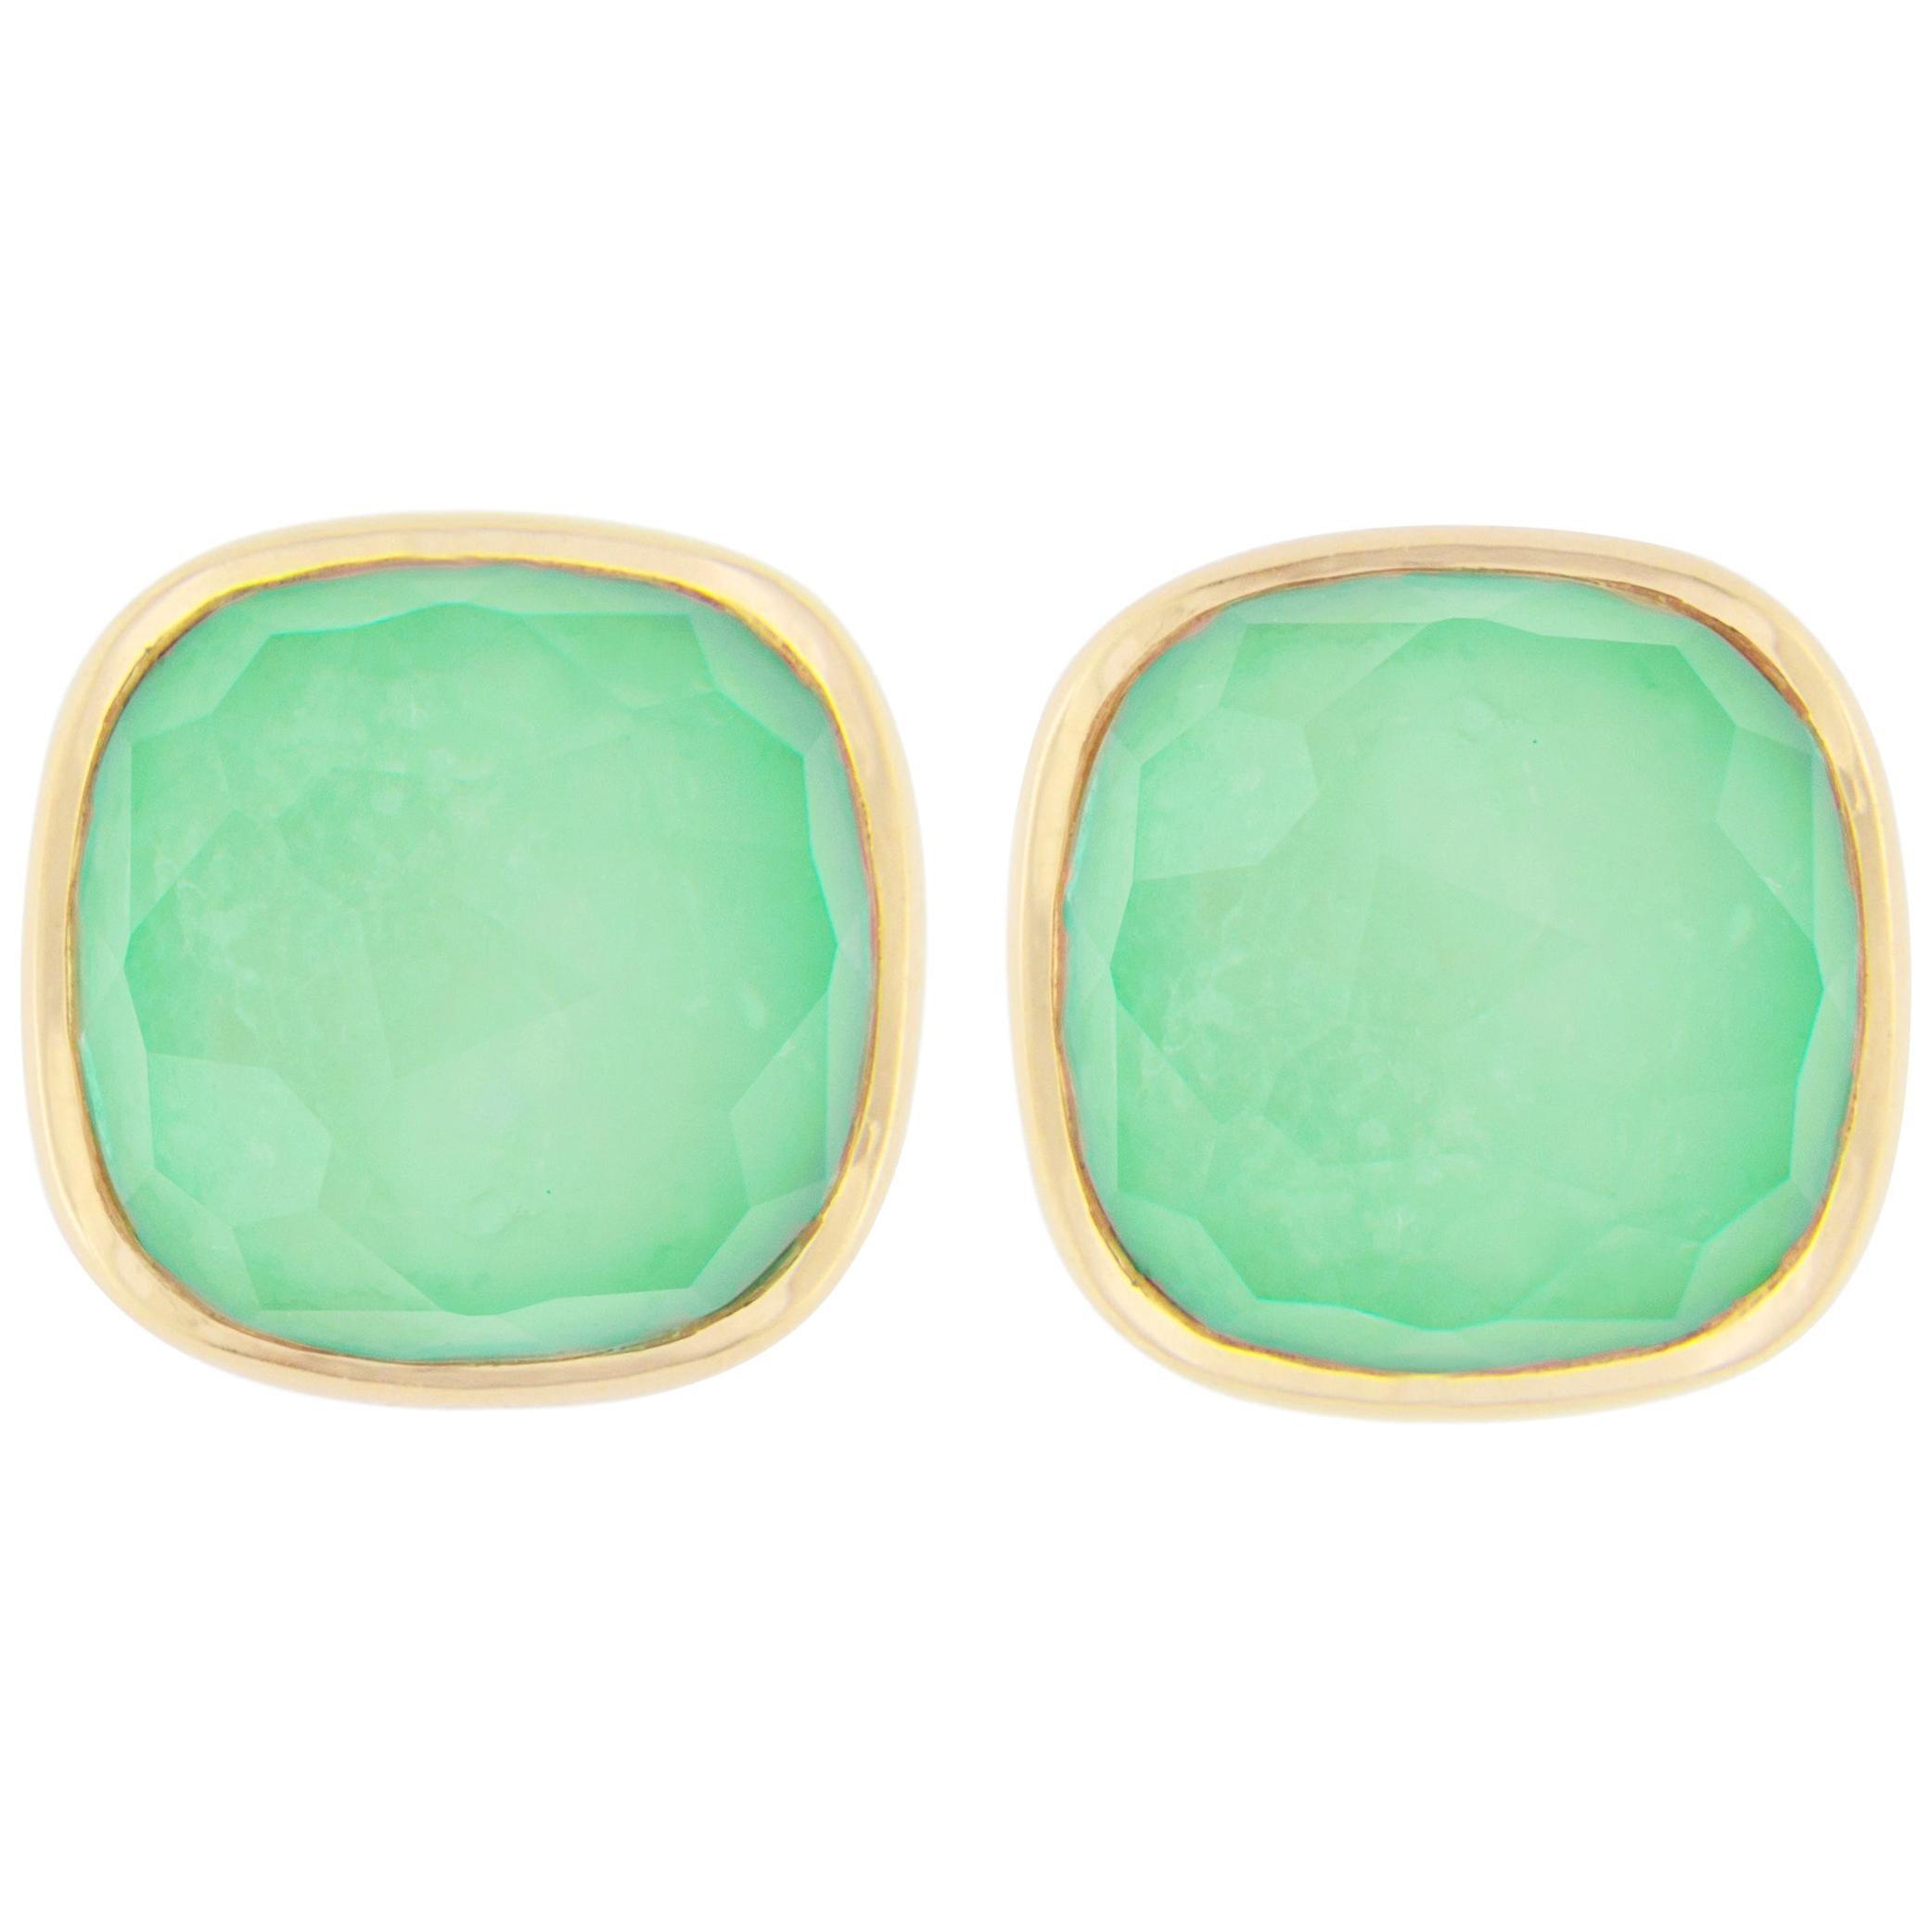 Jona Burmese Jade Quartz 18 Karat Yellow Gold Stud Earrings